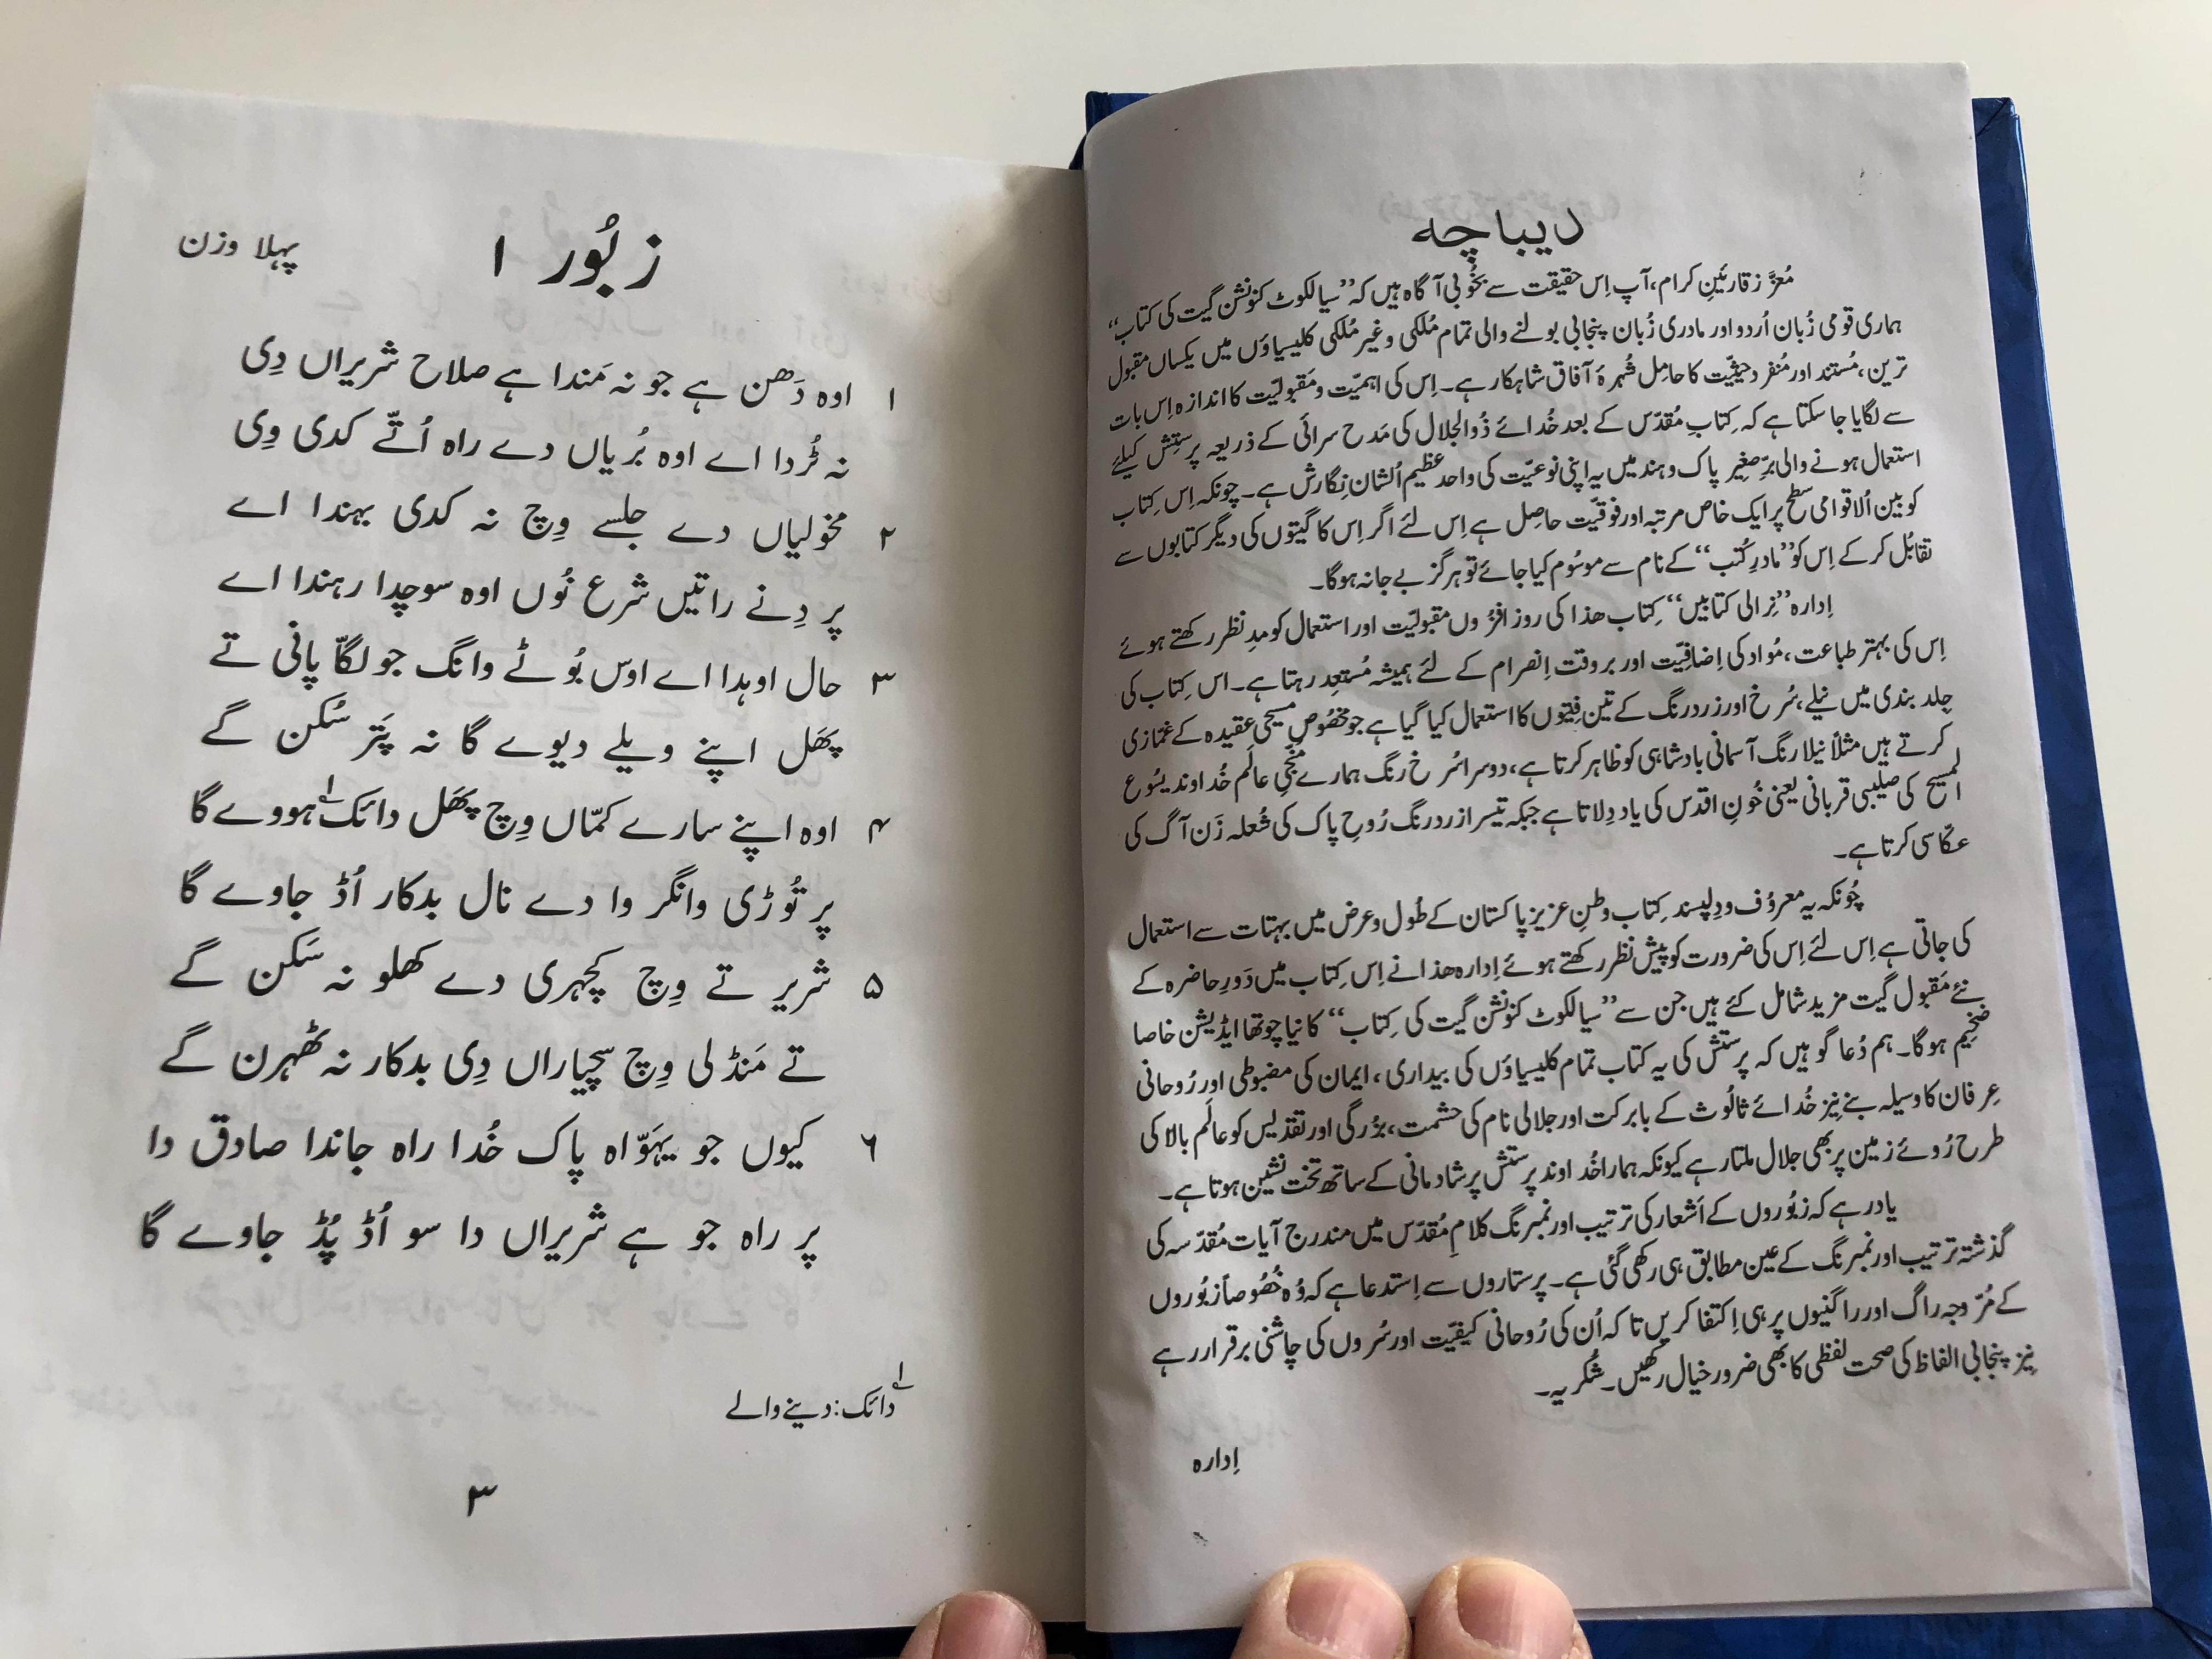 urdu-language-sialkot-chrisitian-hymnal-and-song-book-nirali-kitaben-4-.jpg